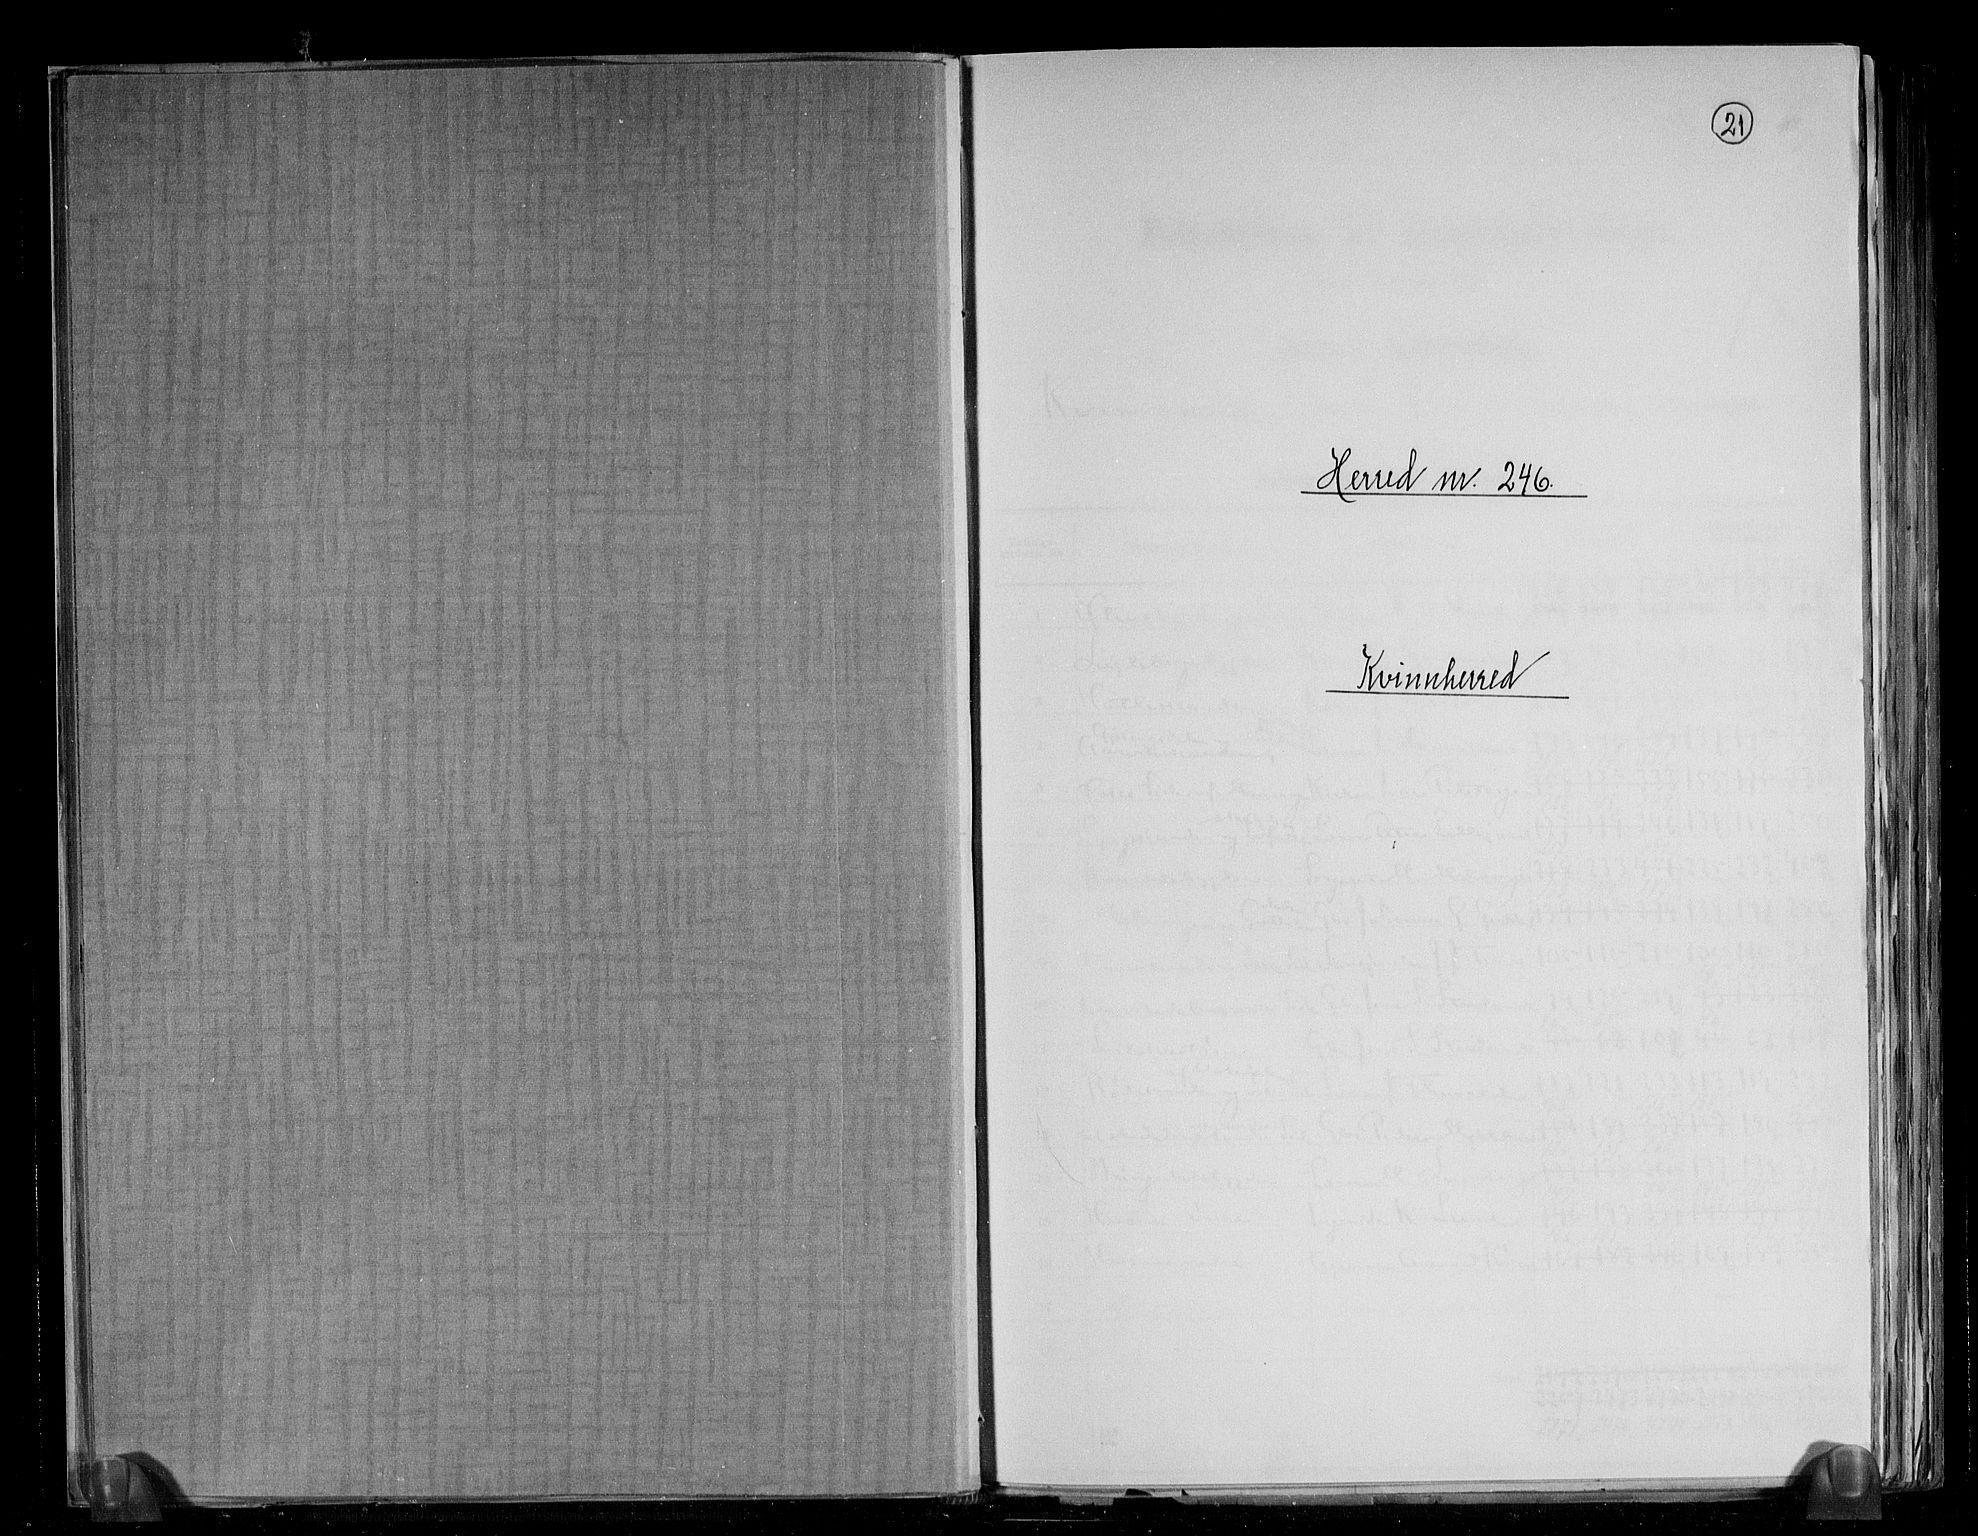 RA, Folketelling 1891 for 1224 Kvinnherad herred, 1891, s. 1